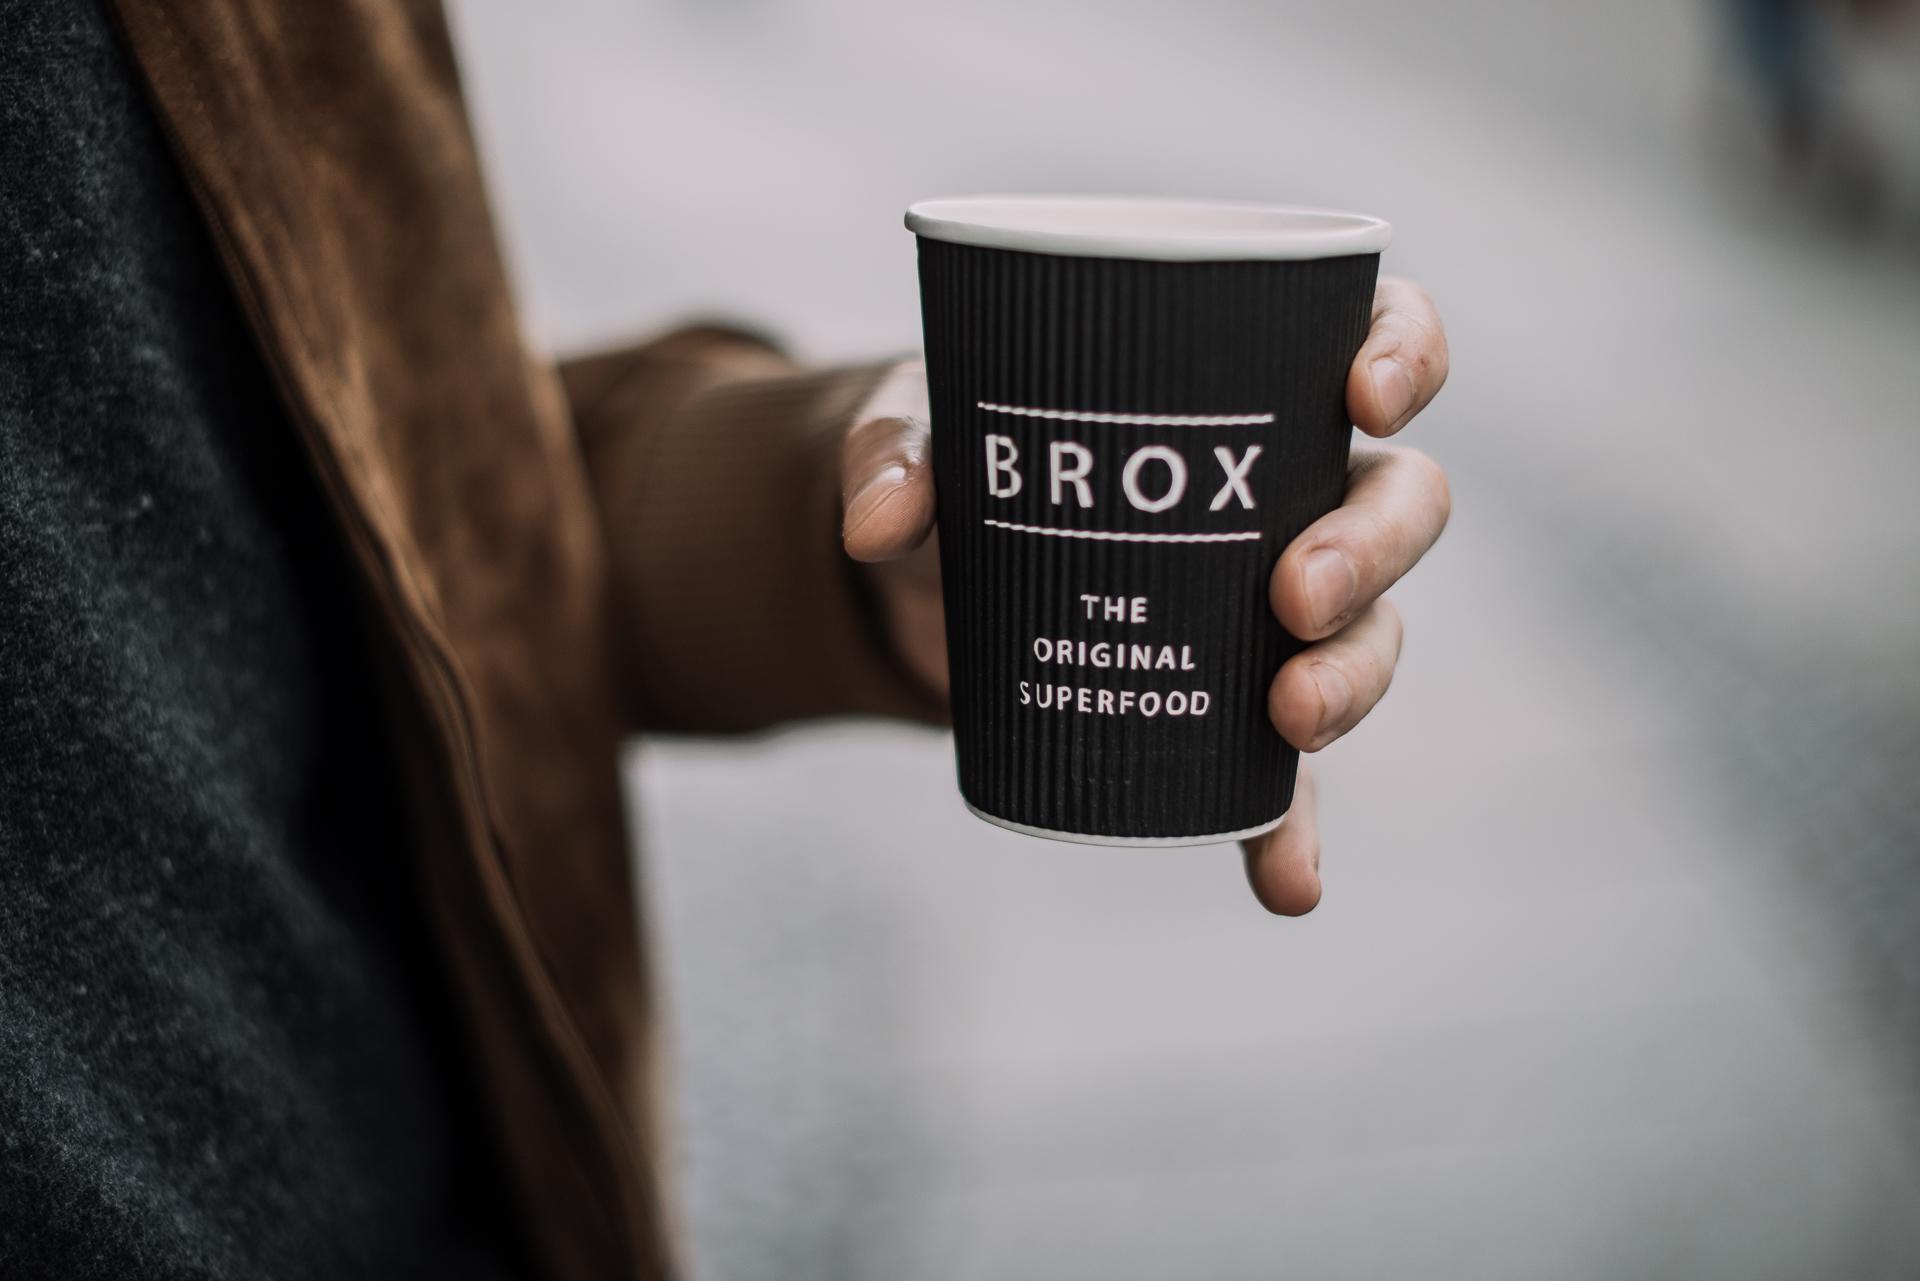 Brox-Knochenbrühe im Becher To-Go